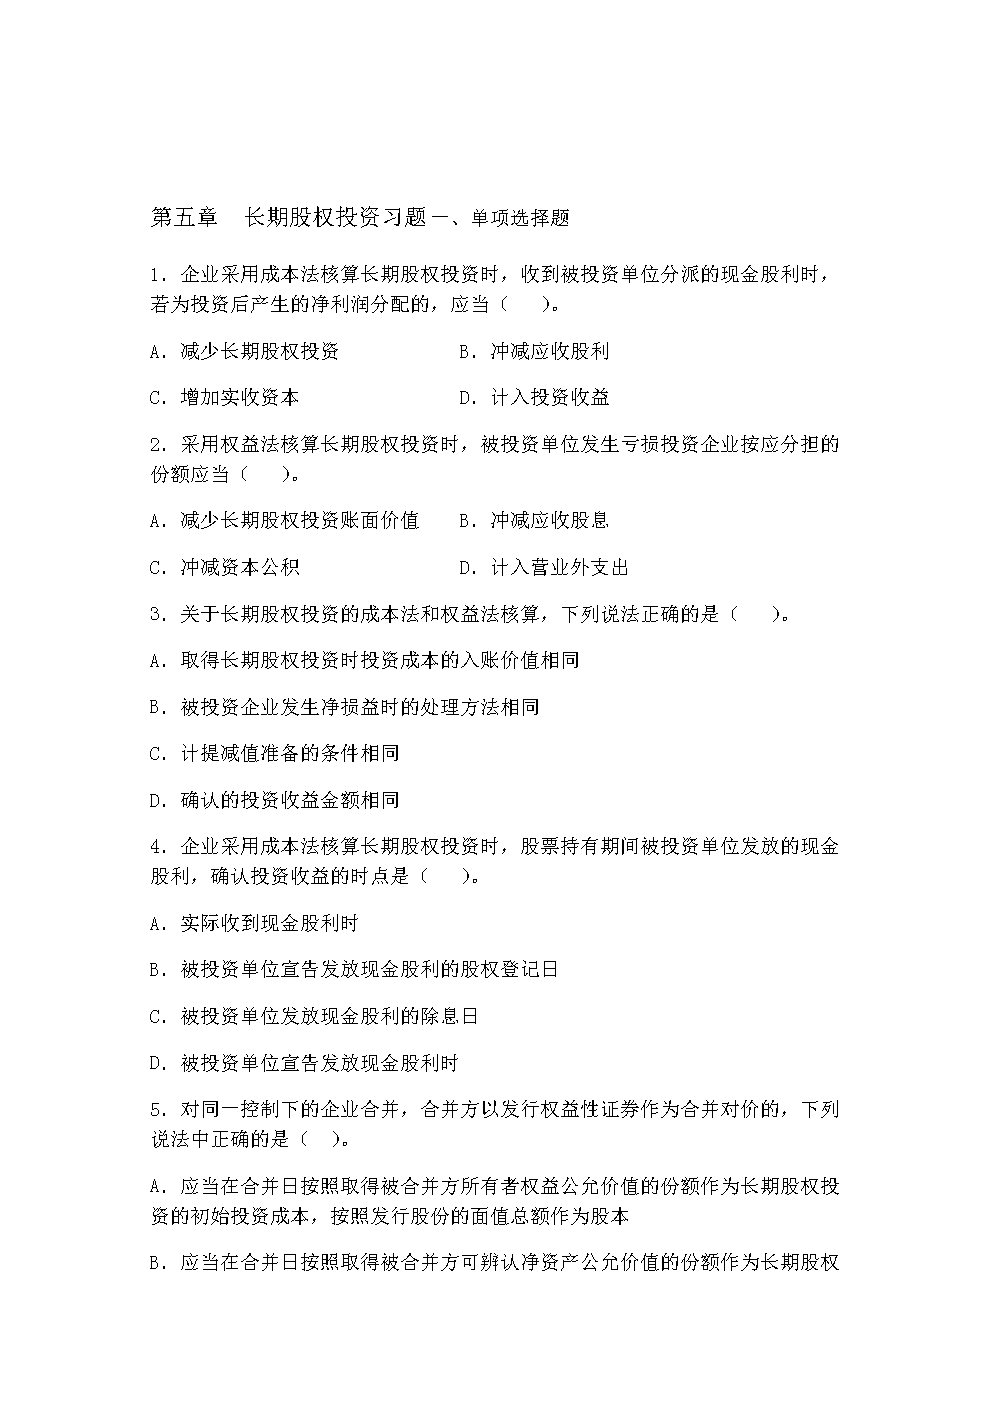 完整word版长期股权投资习题.doc